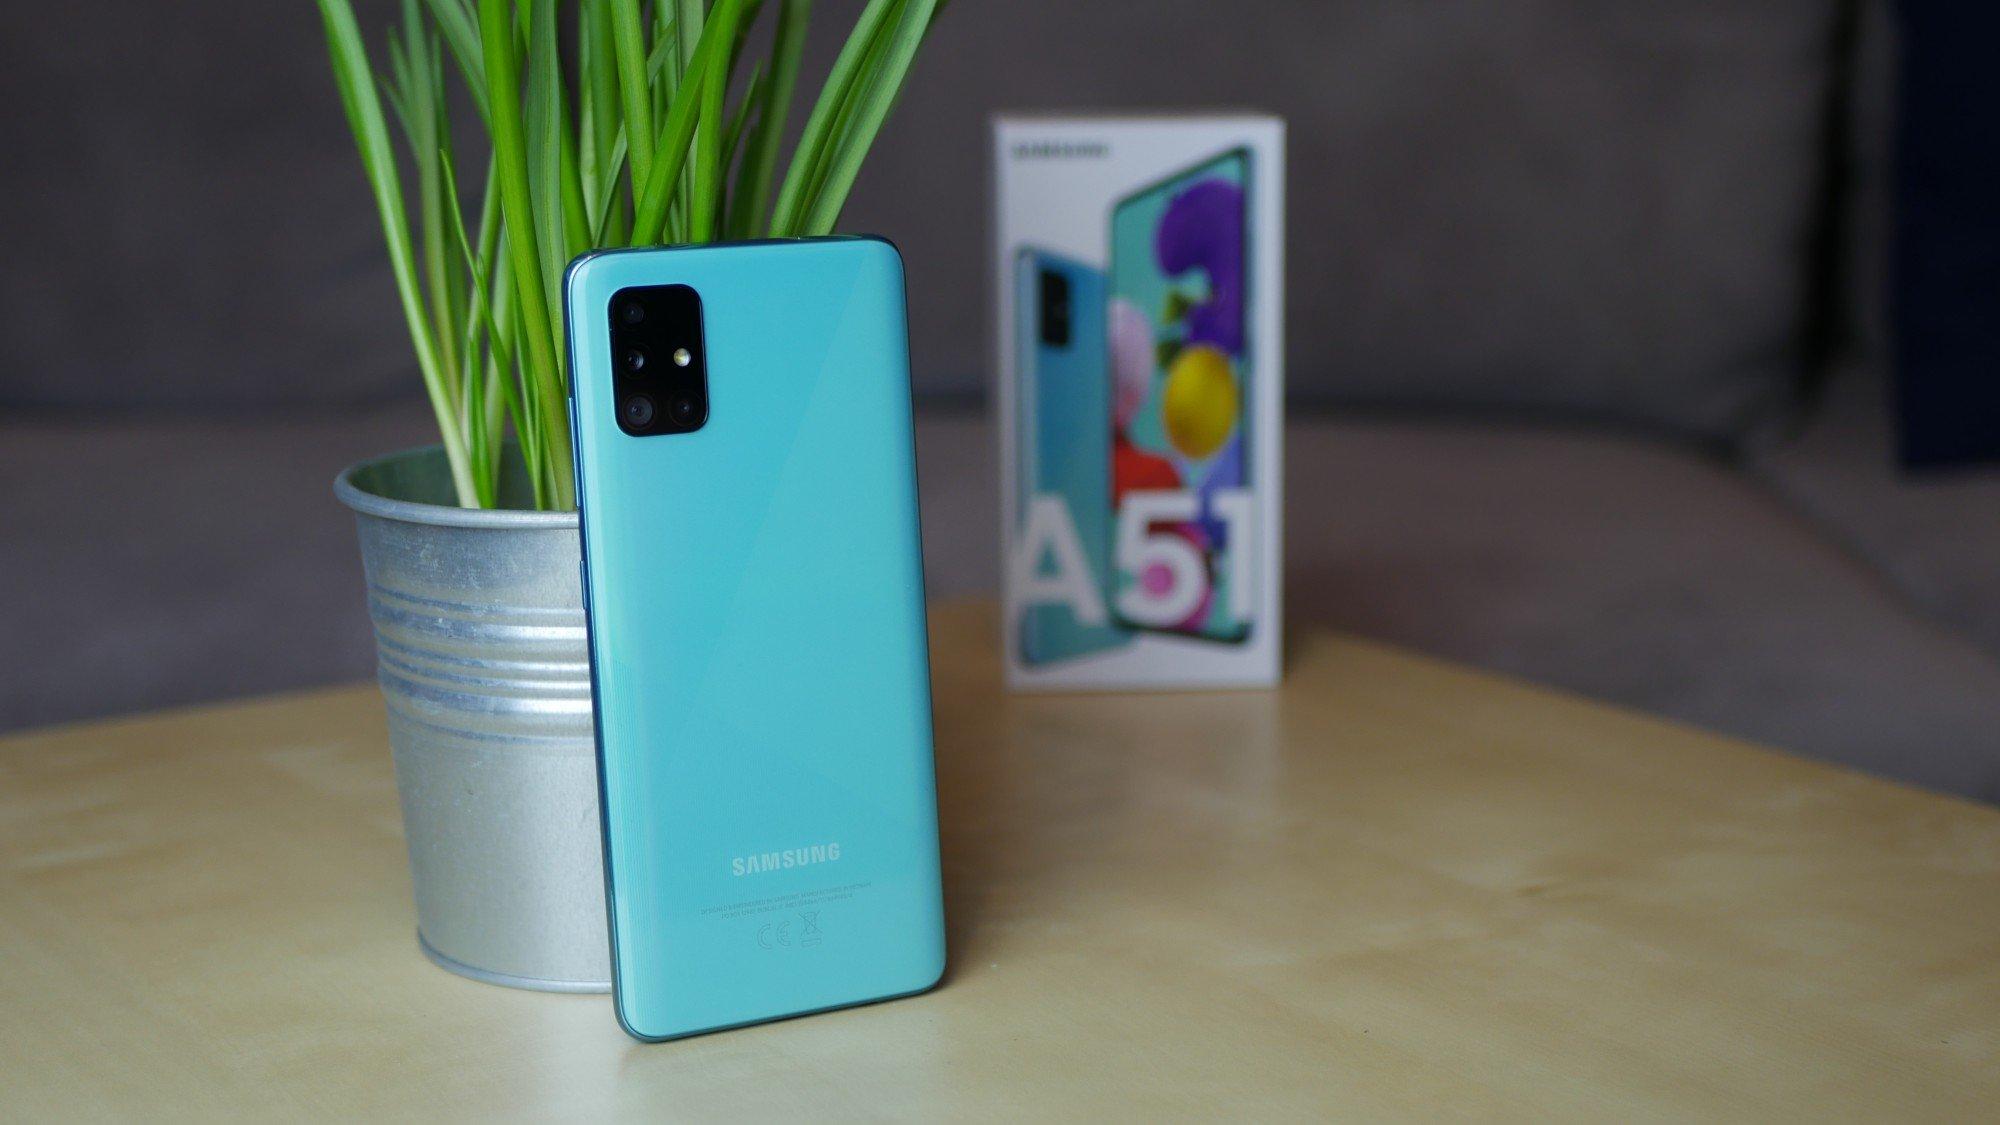 Samsung Galaxy A51 - recenzja zjawiskowo wyglądającego smartfona w zbyt wysokiej cenie 22